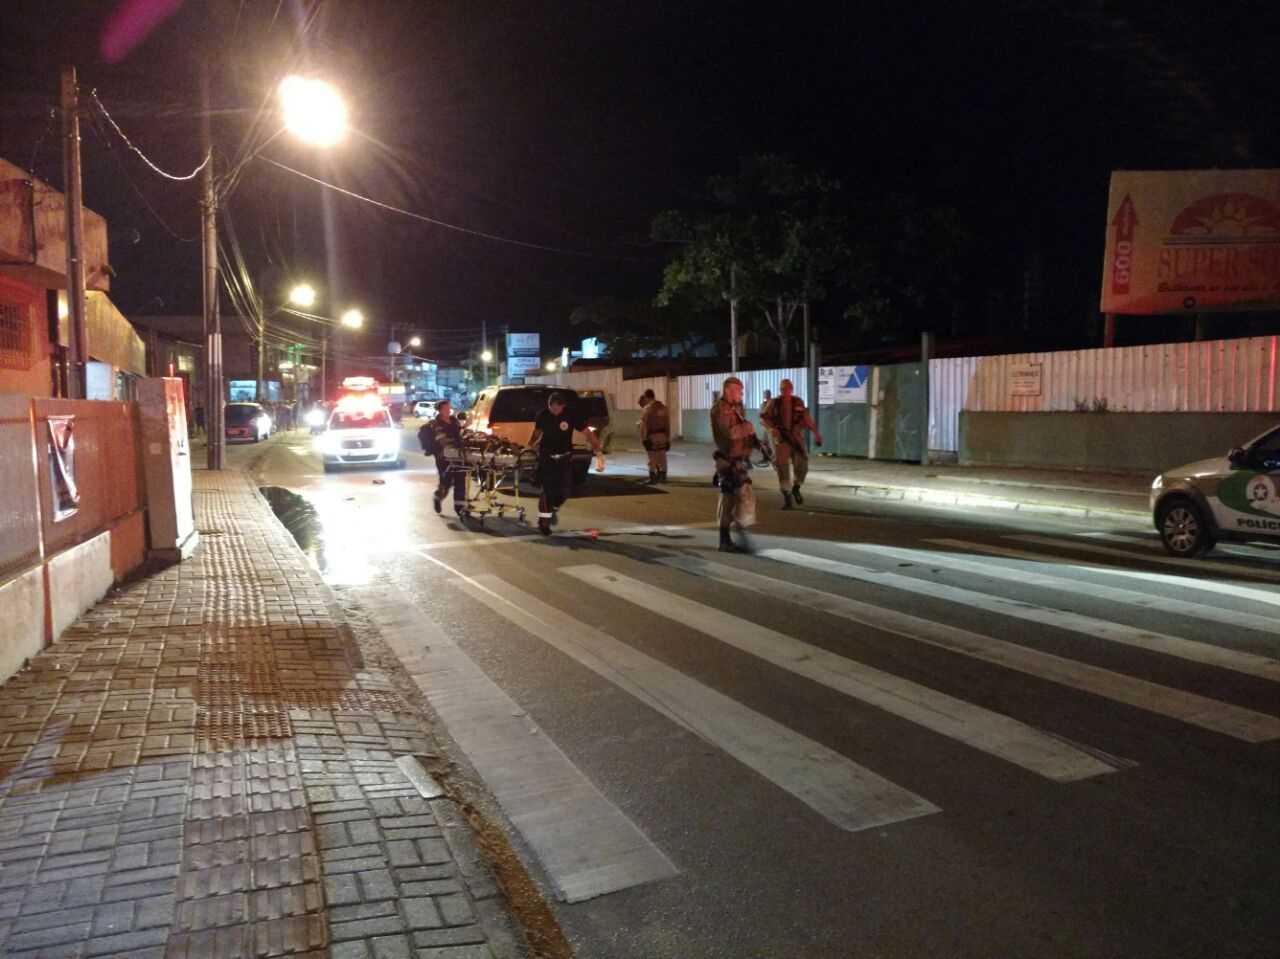 Roubo de carro argentino termina em perseguição e troca de tiros